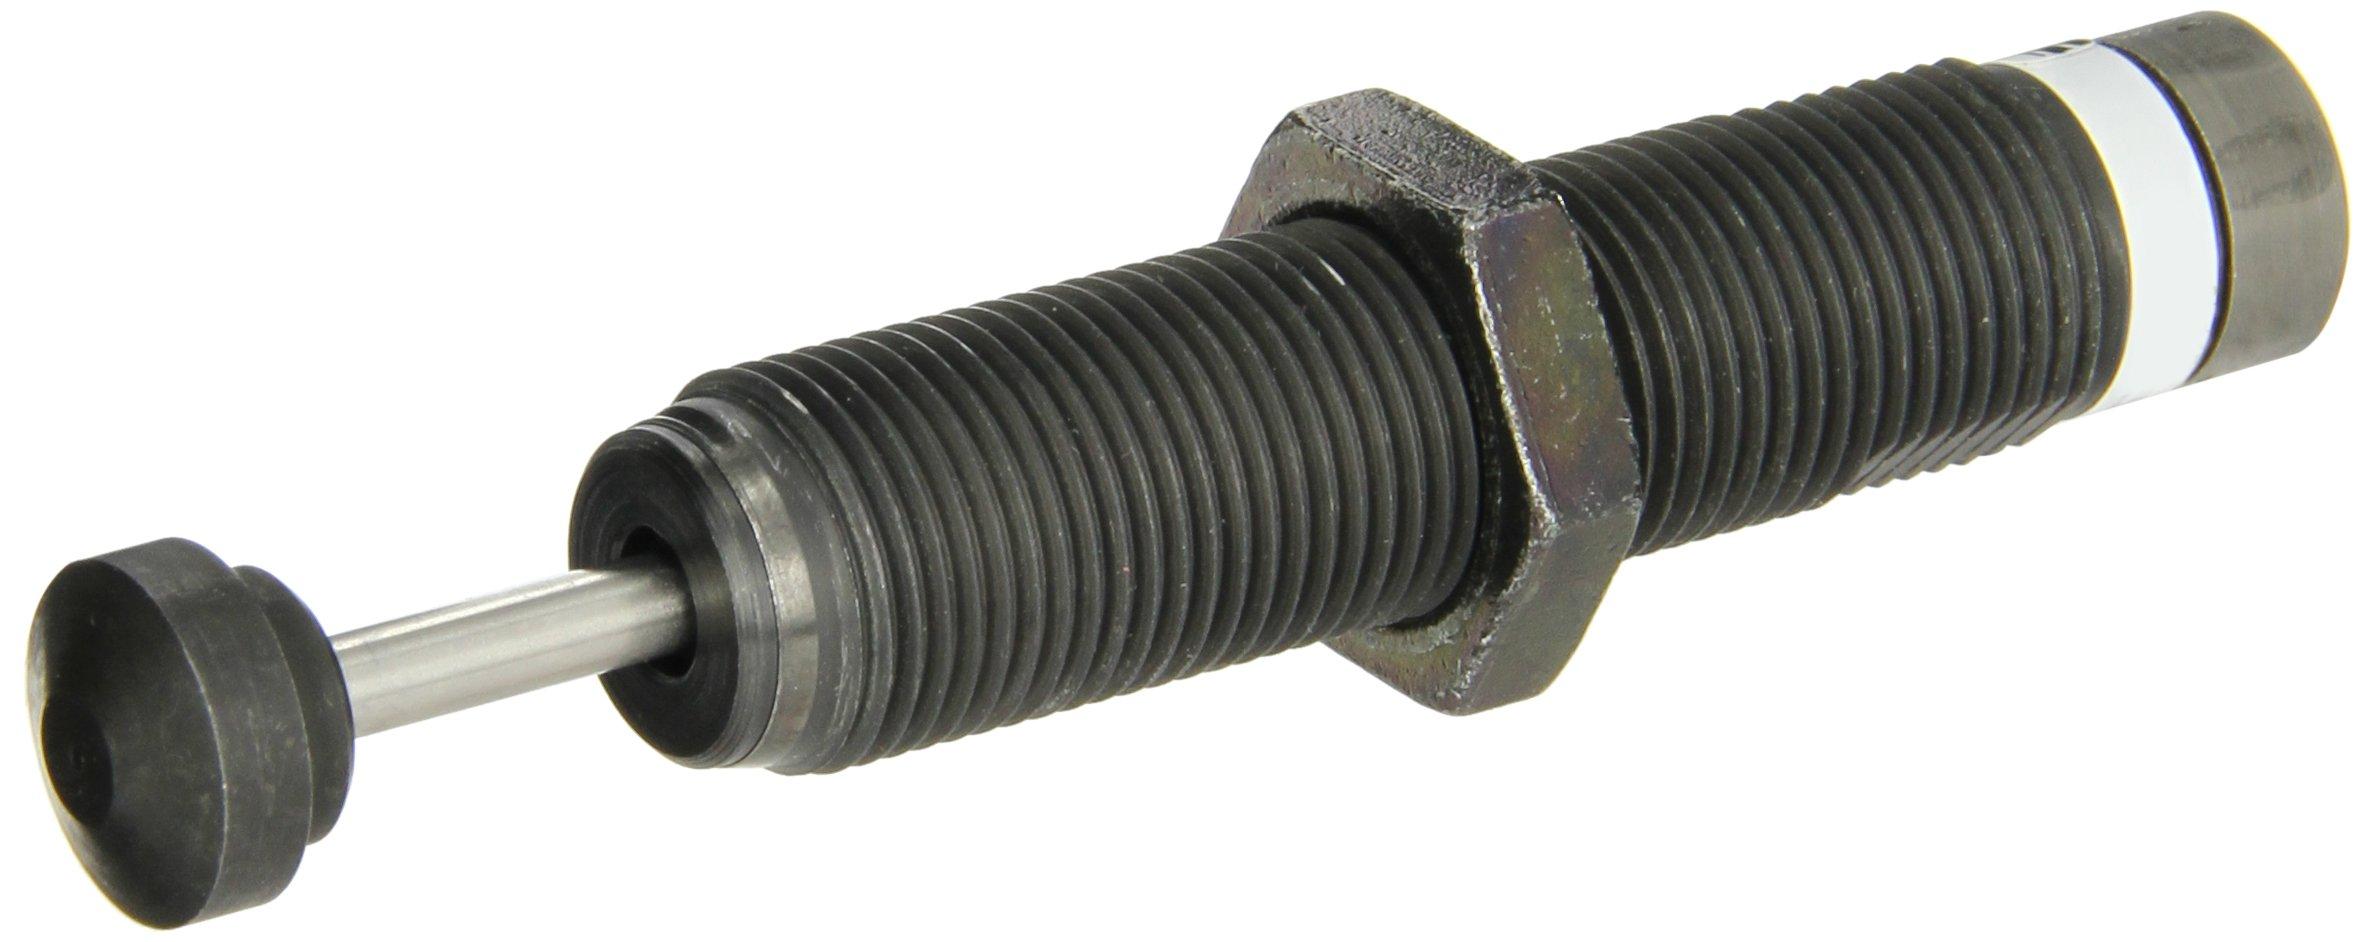 Parker MA225 Steel Adjustable Miniature Shock Absorber, Standard Duty, 3/4 inches Stroke, 3/4 UNF